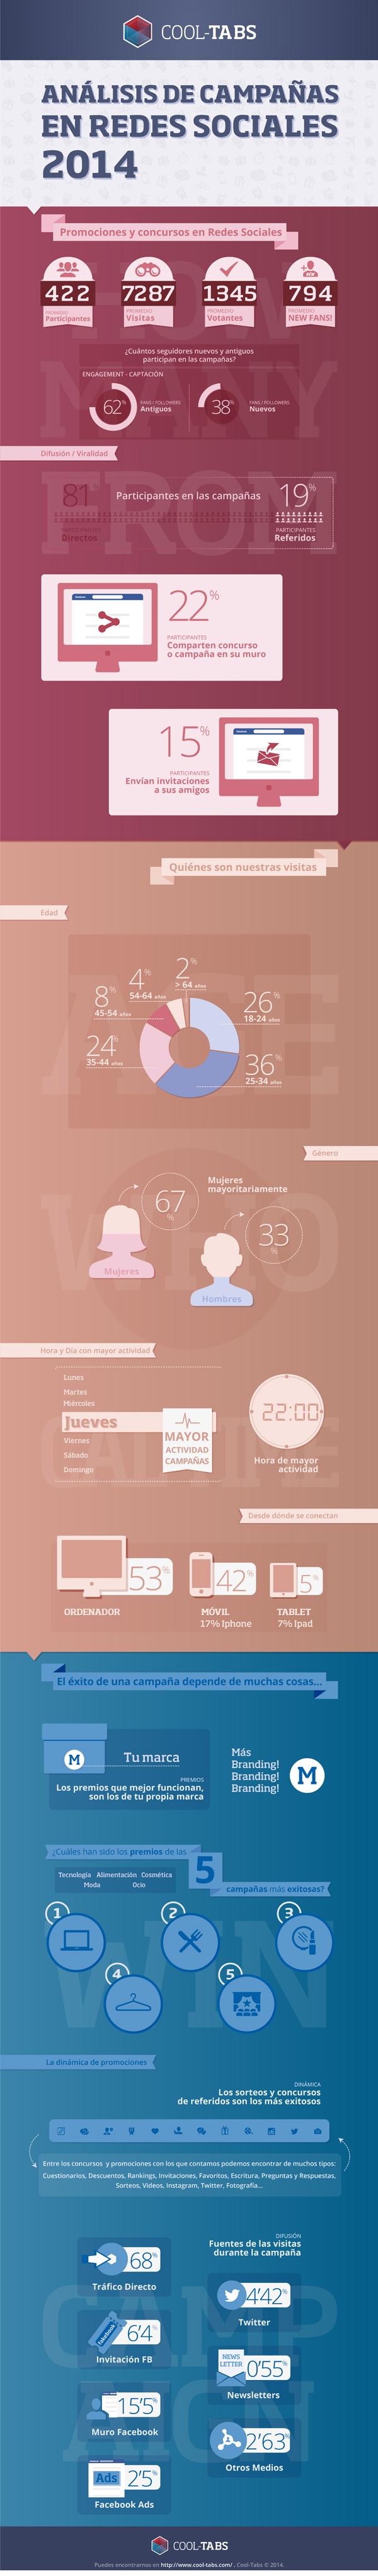 Infografía: Análisis de las campañas en redes sociales durante 2014